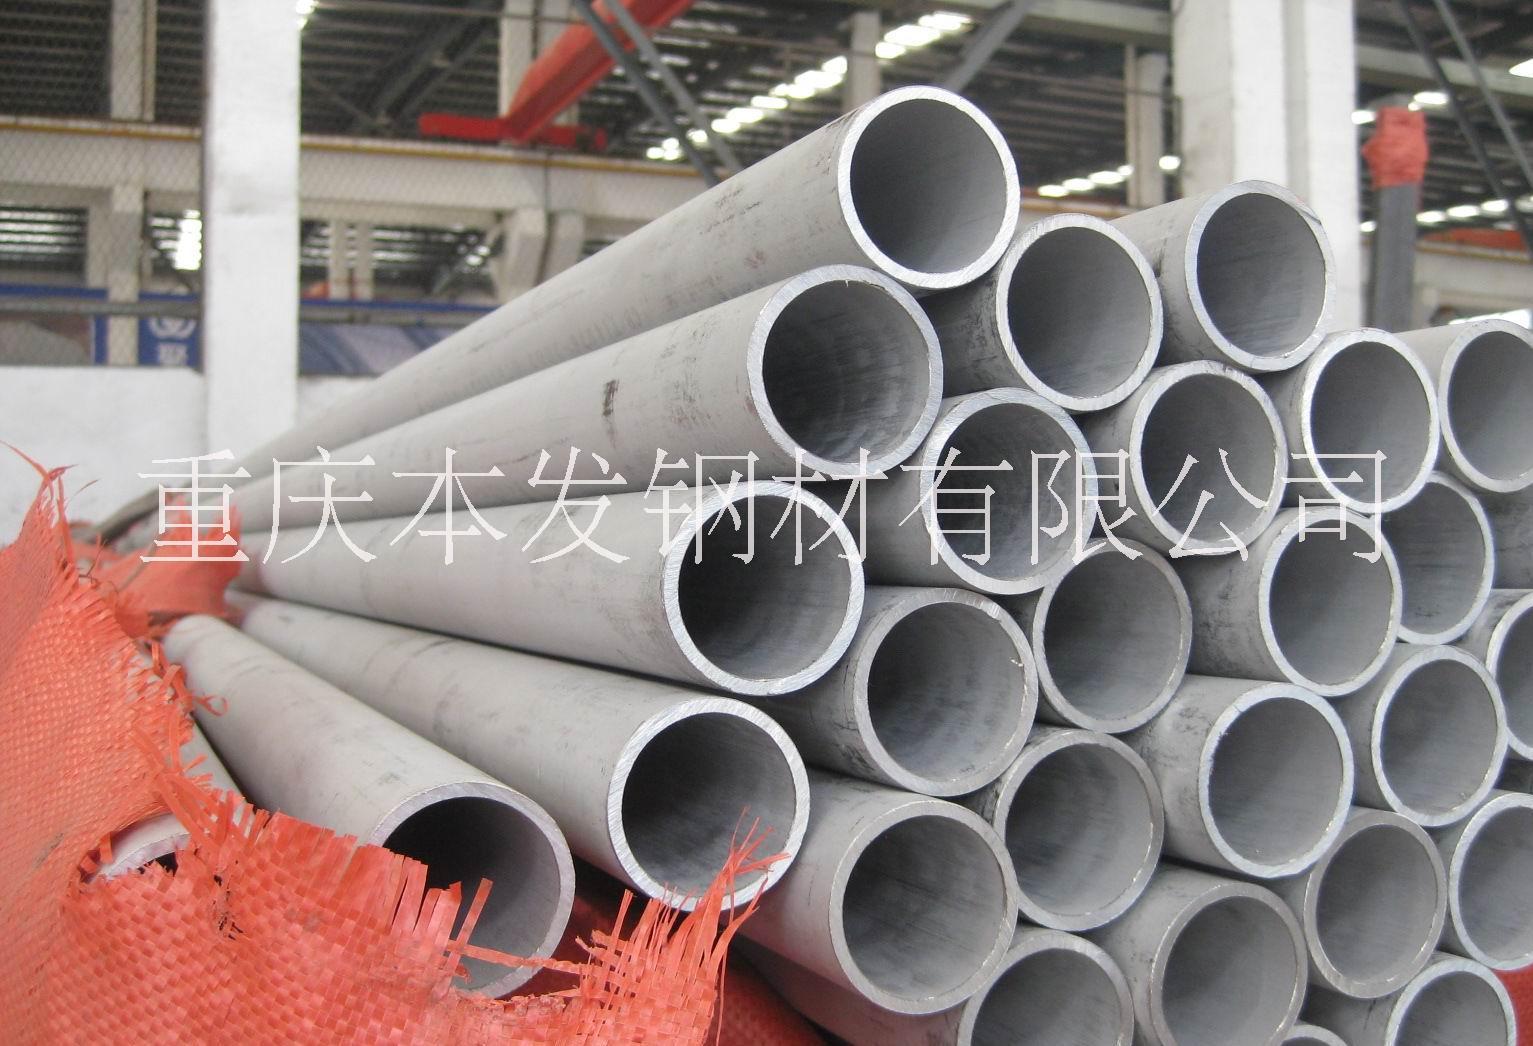 直销 304不锈钢管焊管工业不锈钢管不锈钢管 201薄壁焊管